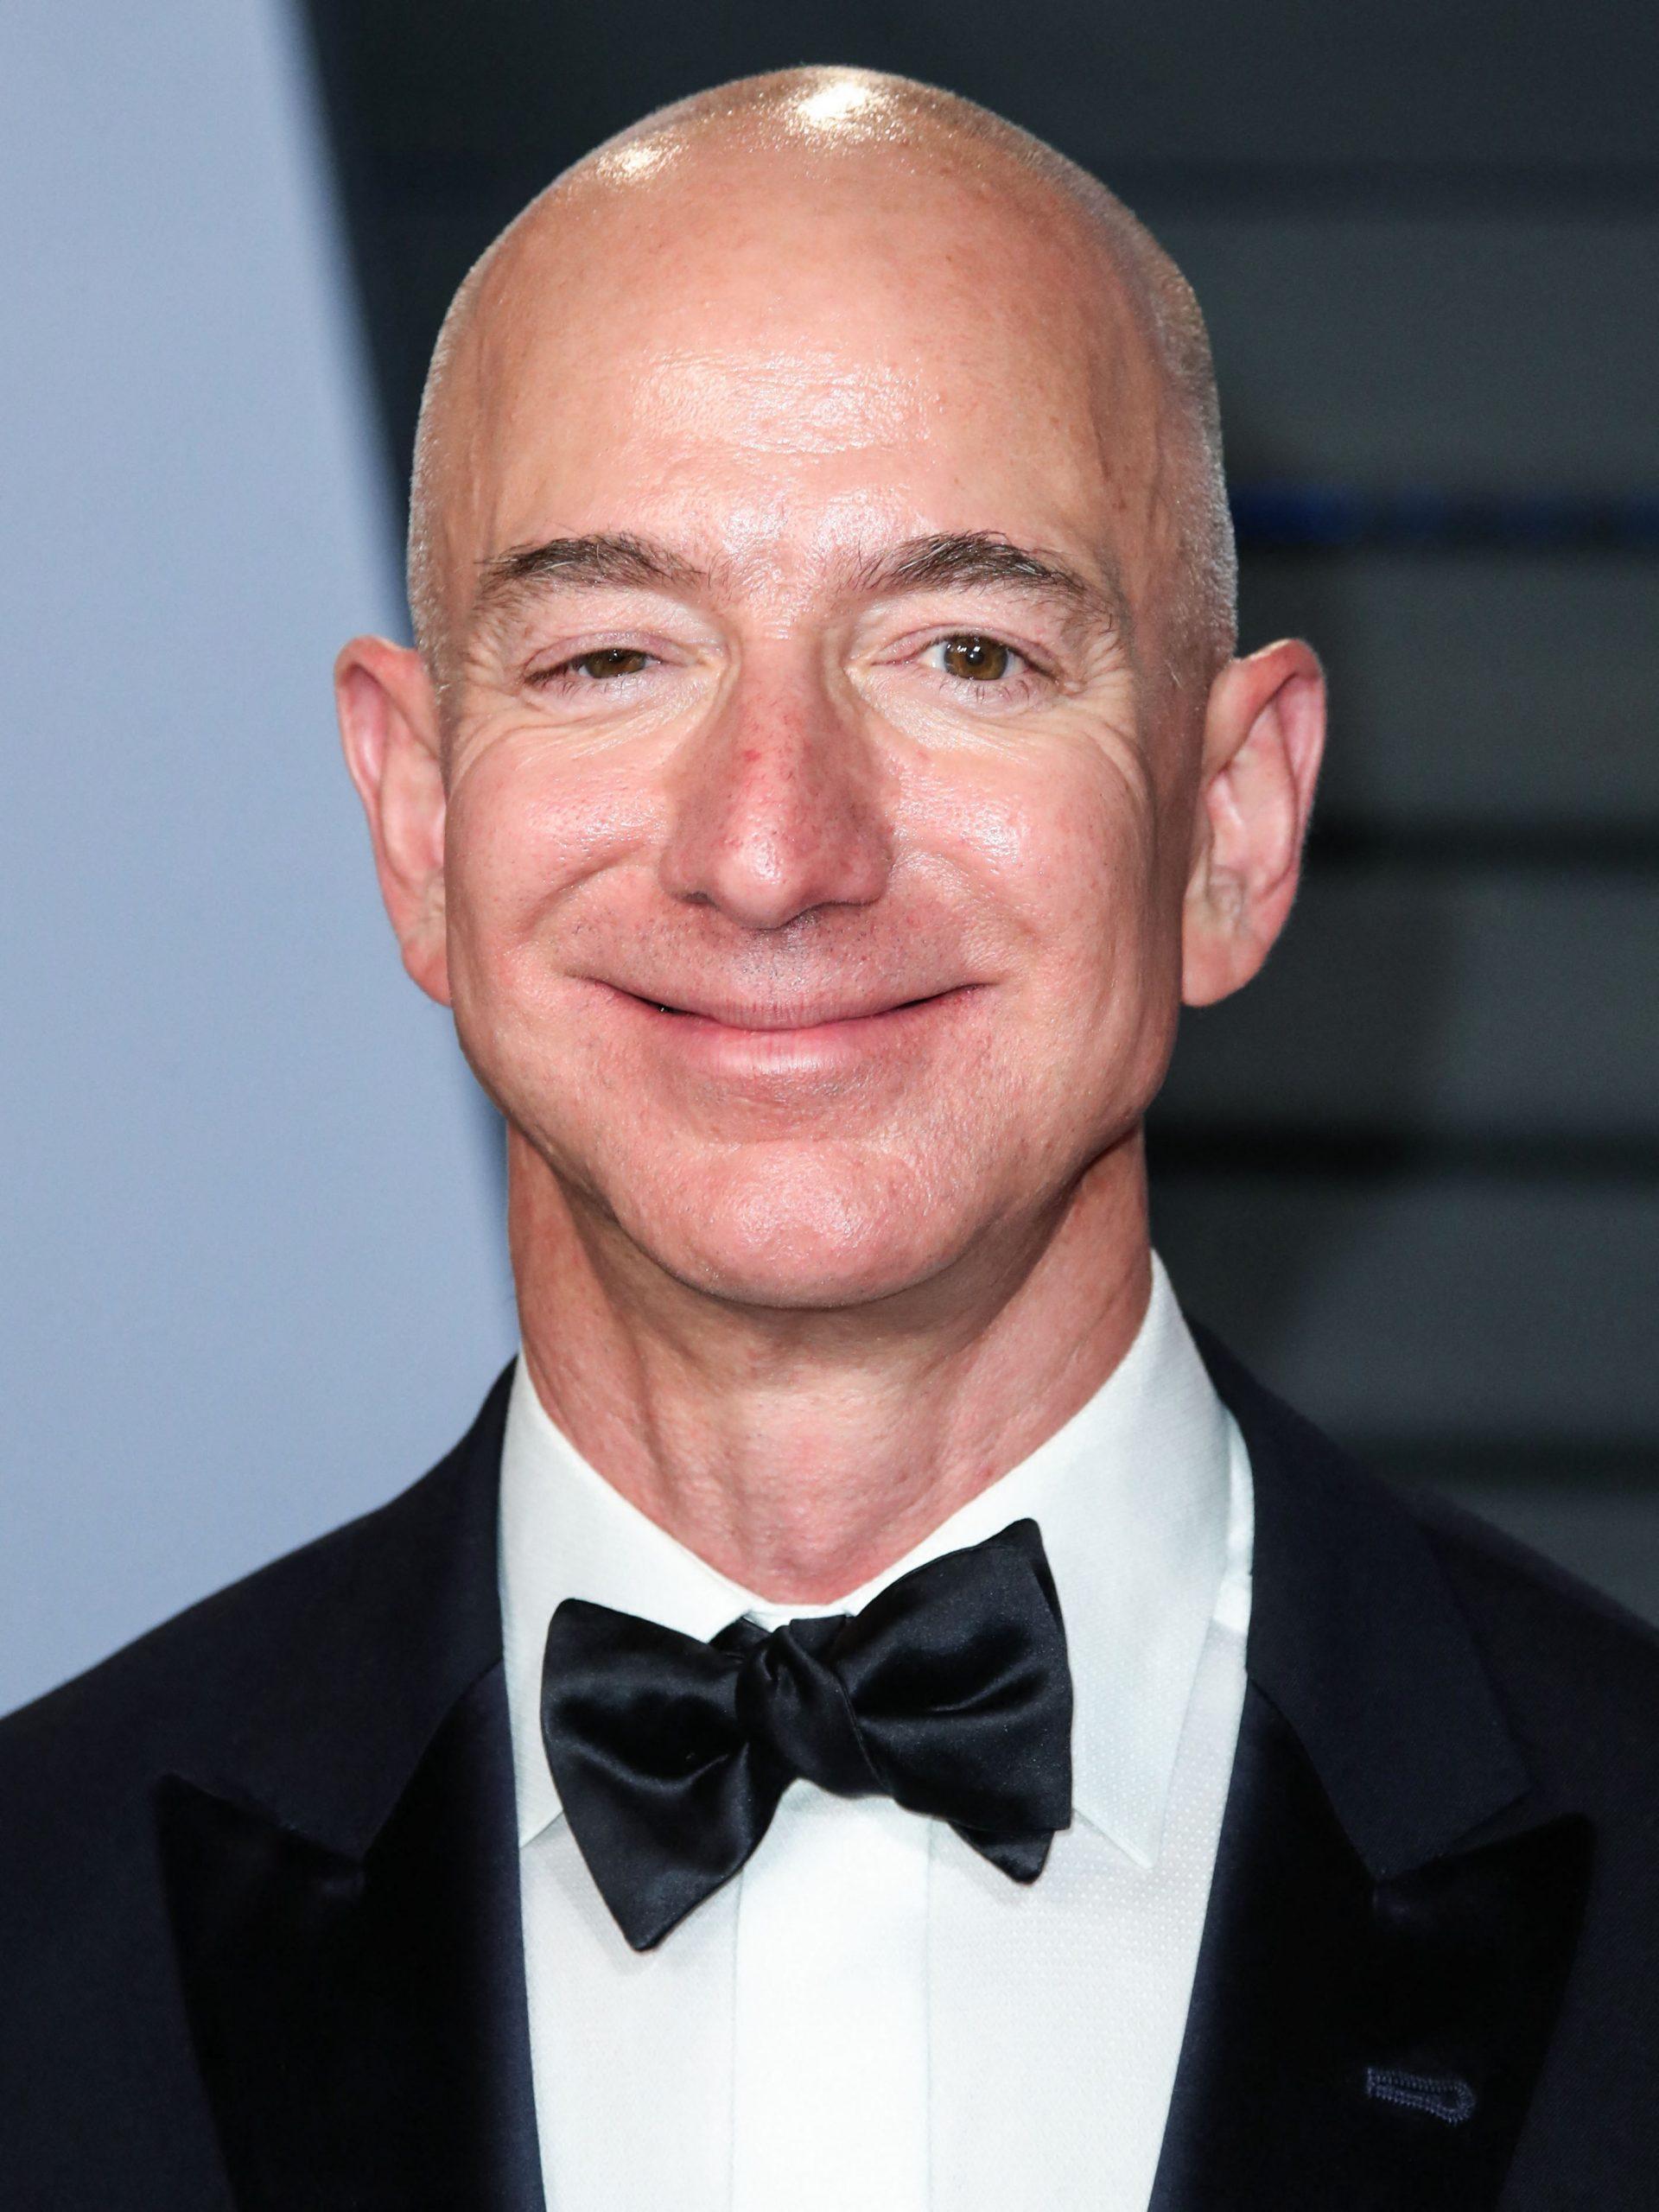 Jeff Bezos ya no es el director operativo de Amazon